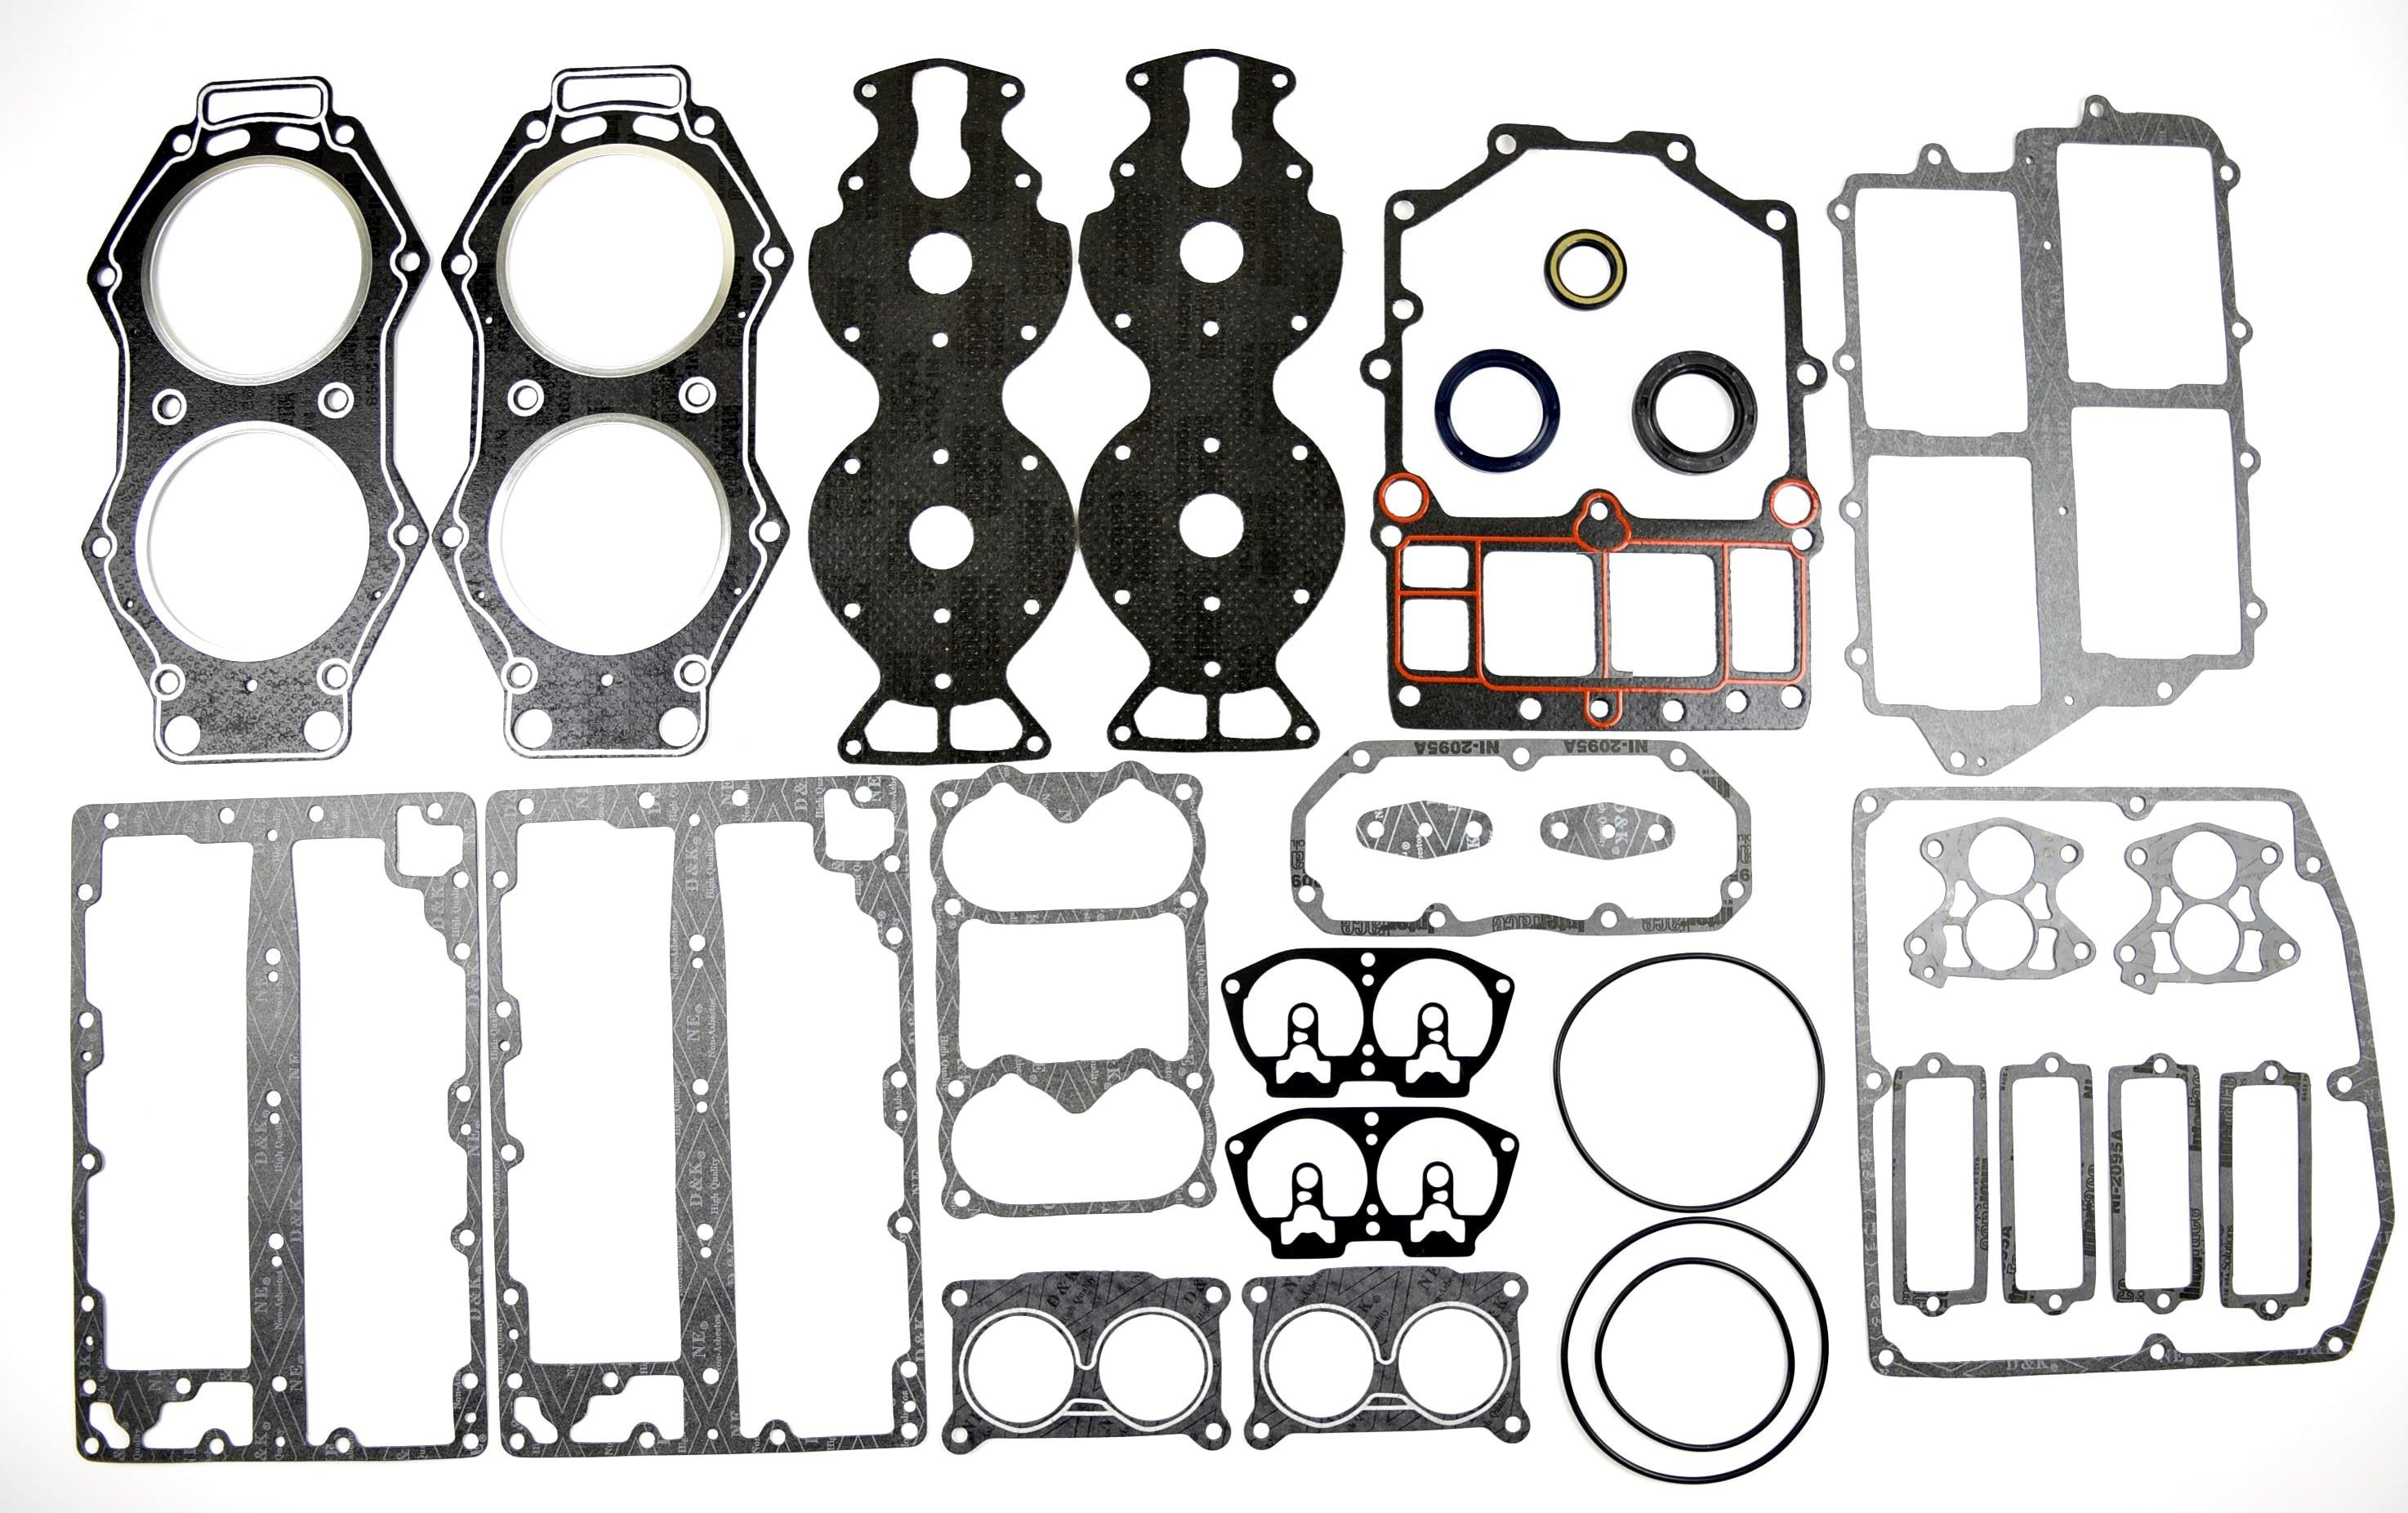 6E5 W0001 Power Head Gasket Kit For Yamaha 2T Outboard Motor V4 15 130HP 6E5 W0001